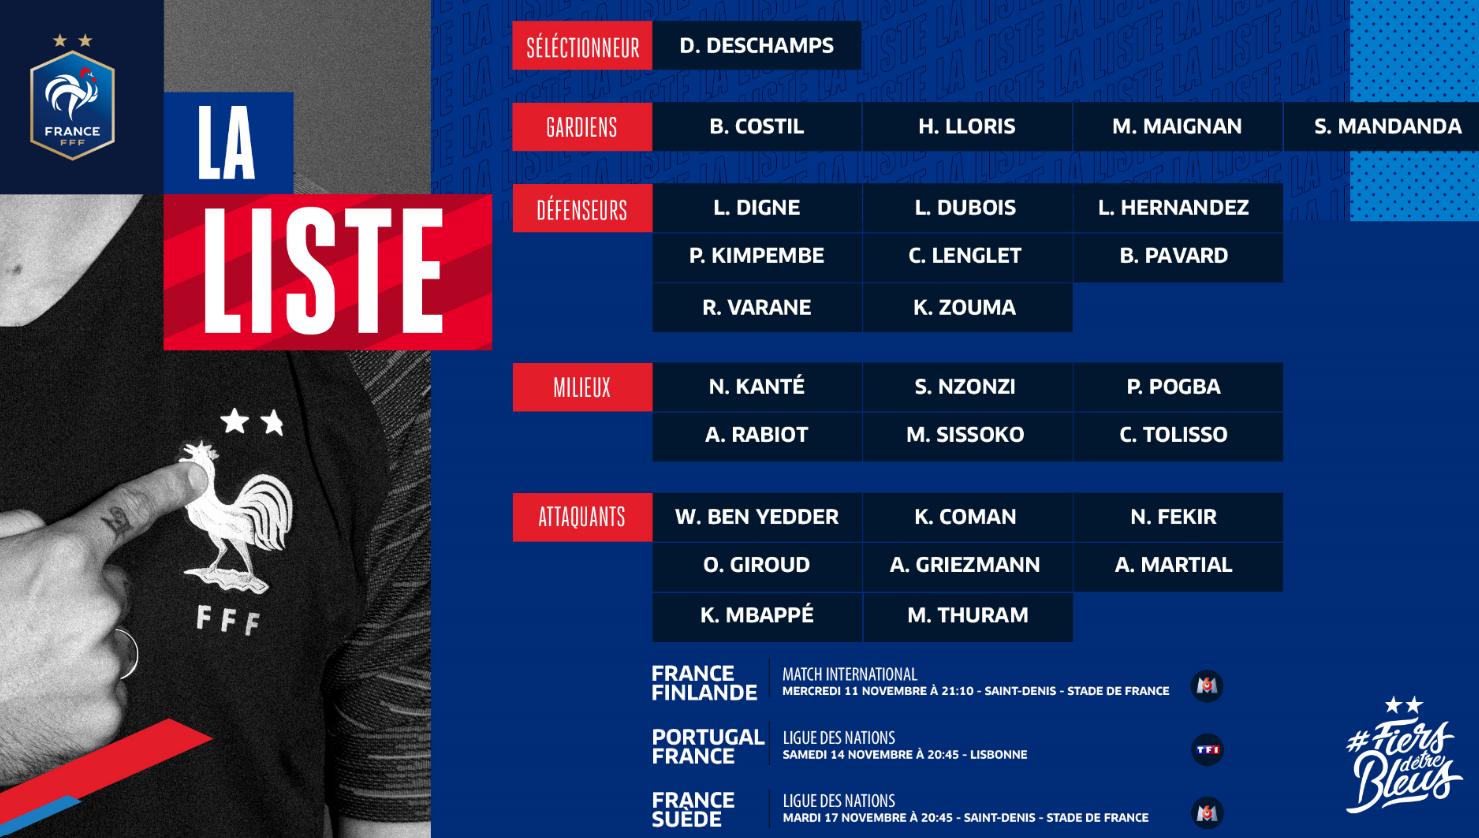 法国队大名单:博格巴、格列兹曼领衔,小图拉姆首次入选